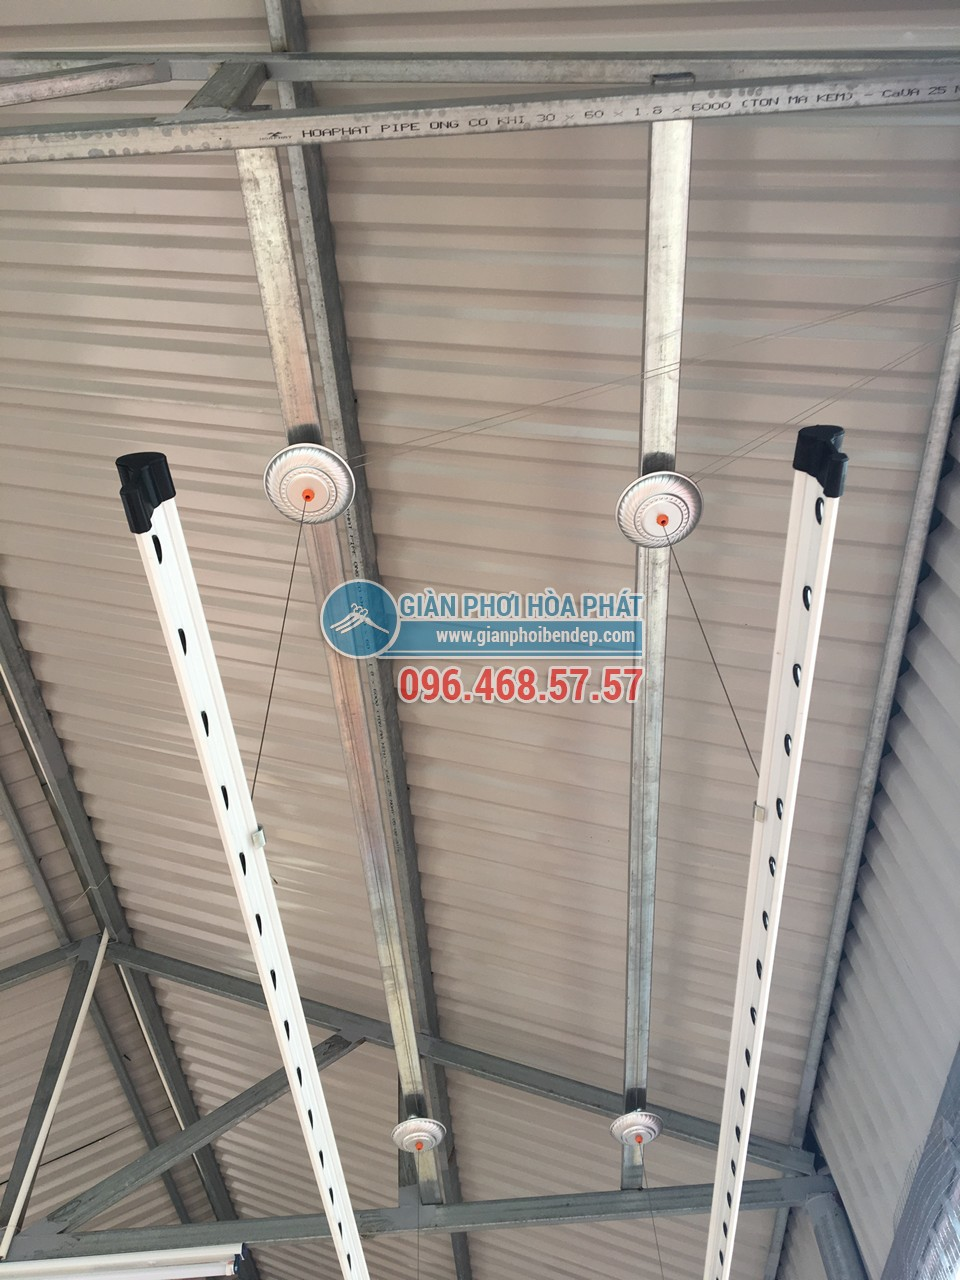 Hoàn thiện lắp đặt 2 bộ giàn phơi thông minh nhà chị Lam, ngõ 24 Kim Đồng - 03